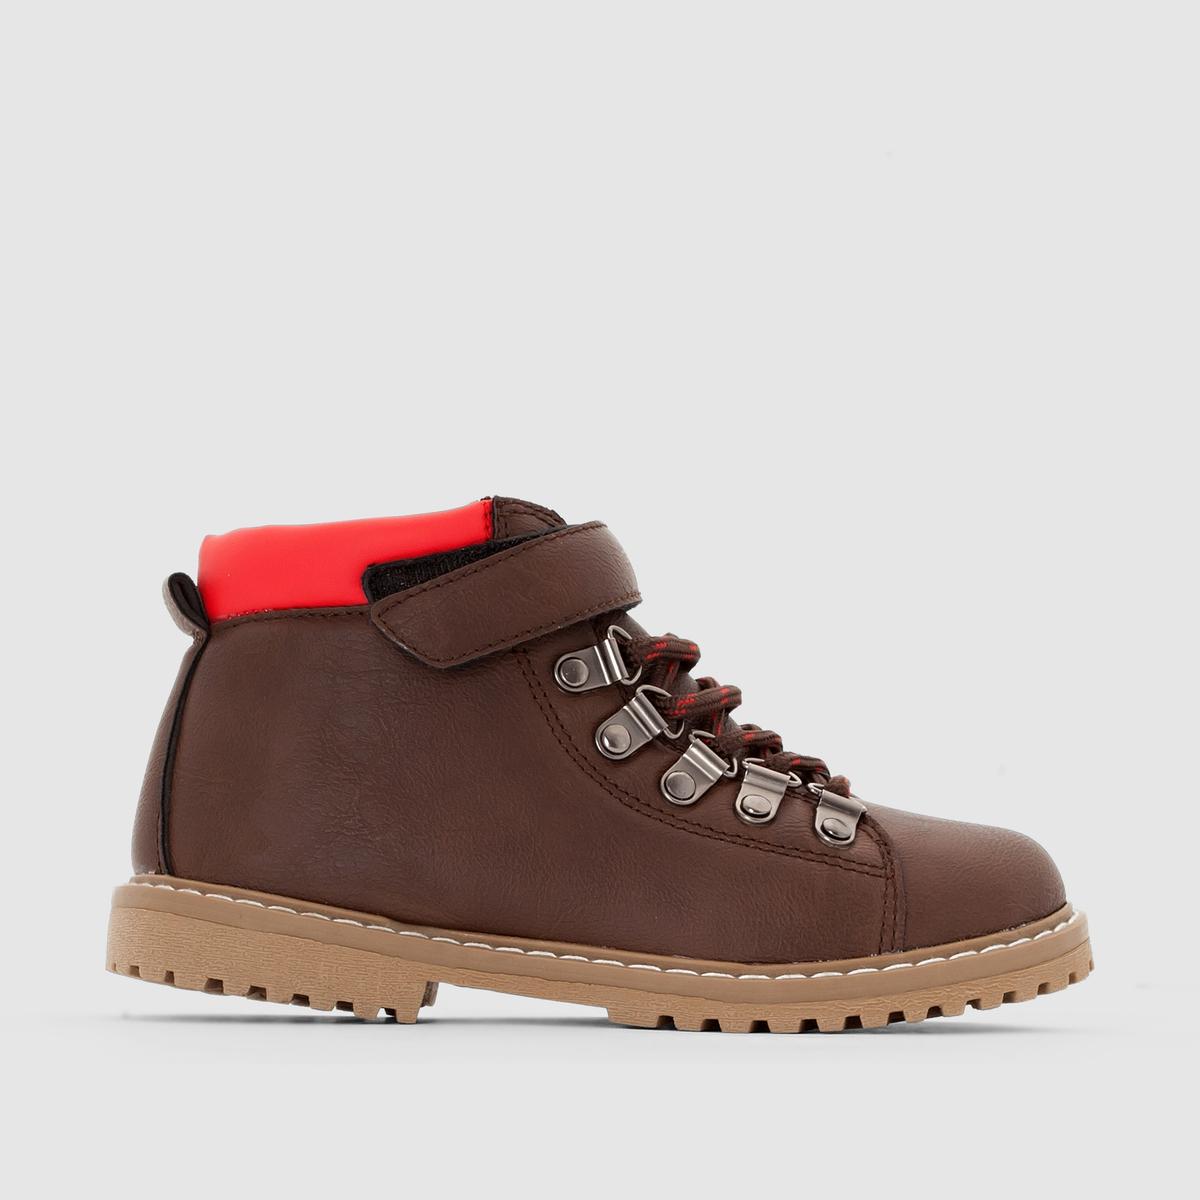 Ботинки горныеБотинки для походов, внушающие солидность, со шнуровкой и планкой-велкро для отличной фиксации и посадки и стеганный контрастный верх, придающий им комфорт и стиль: ботинки для любых поверхностей идеальны для наших маленьких непосед !<br><br>Цвет: серо-коричневый<br>Размер: 31.32.28.30